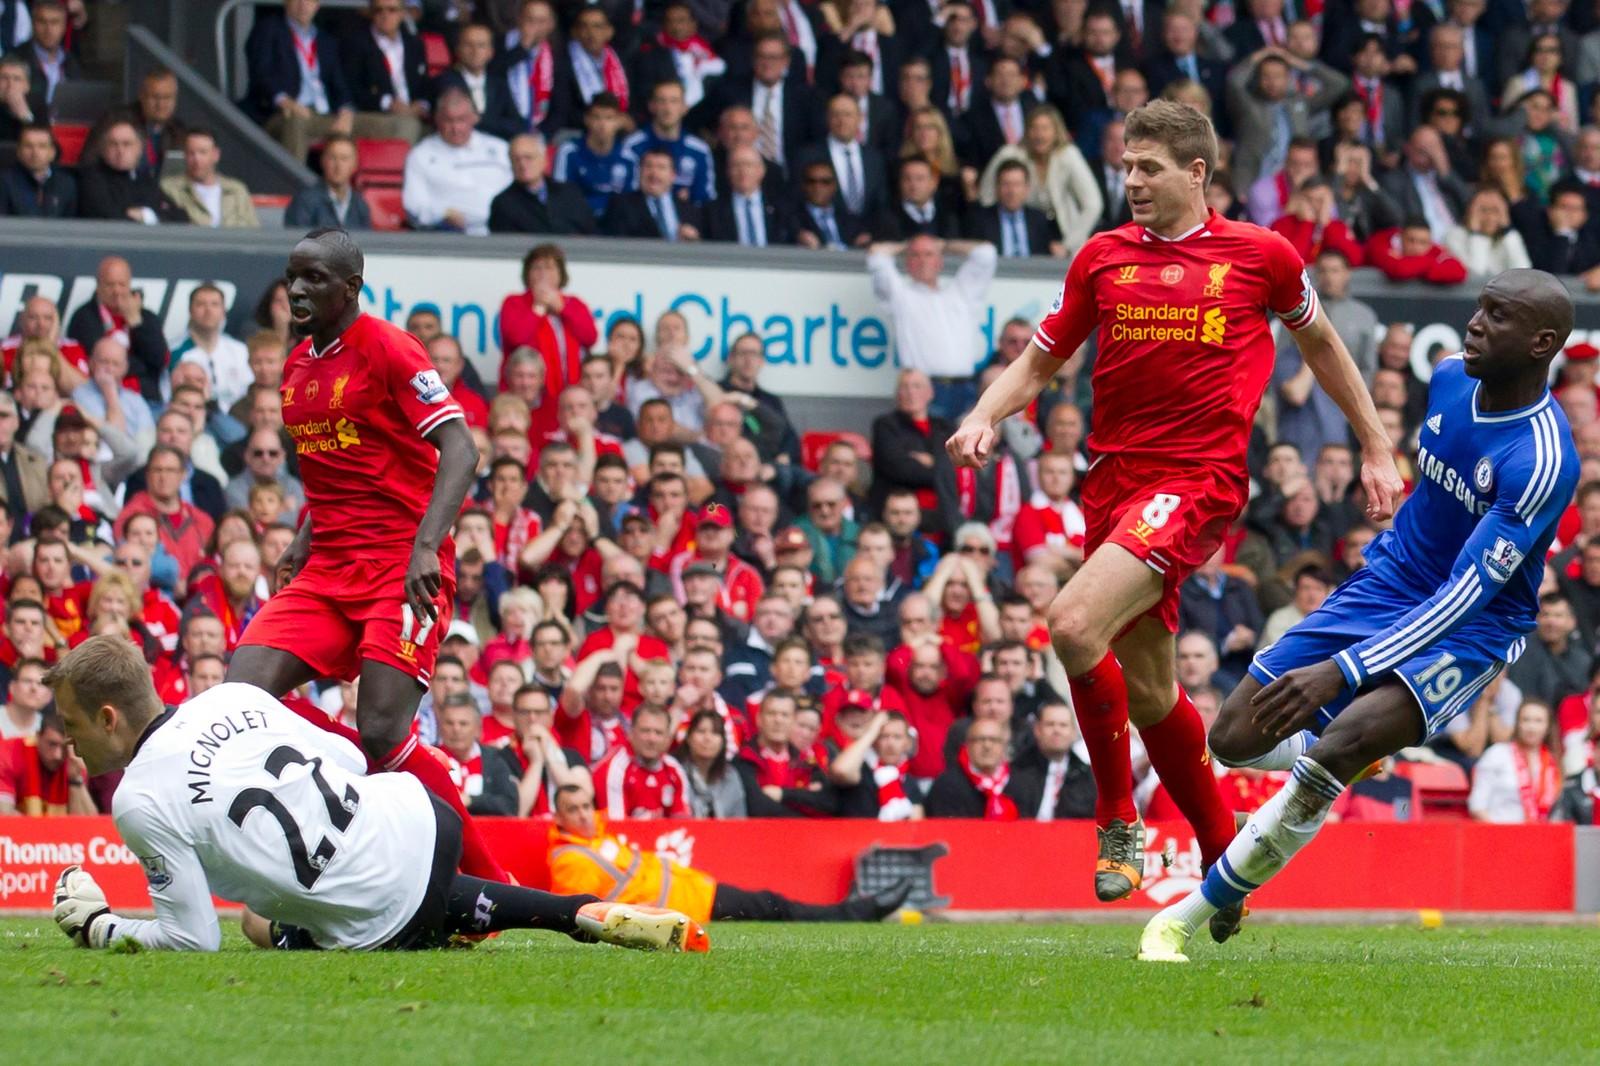 Dette øyeblikket har forfulgt Gerrard i senere tid. Demba Ba scorer etter at Gerrard falt midt på banen og dermed røk ligatittelen.